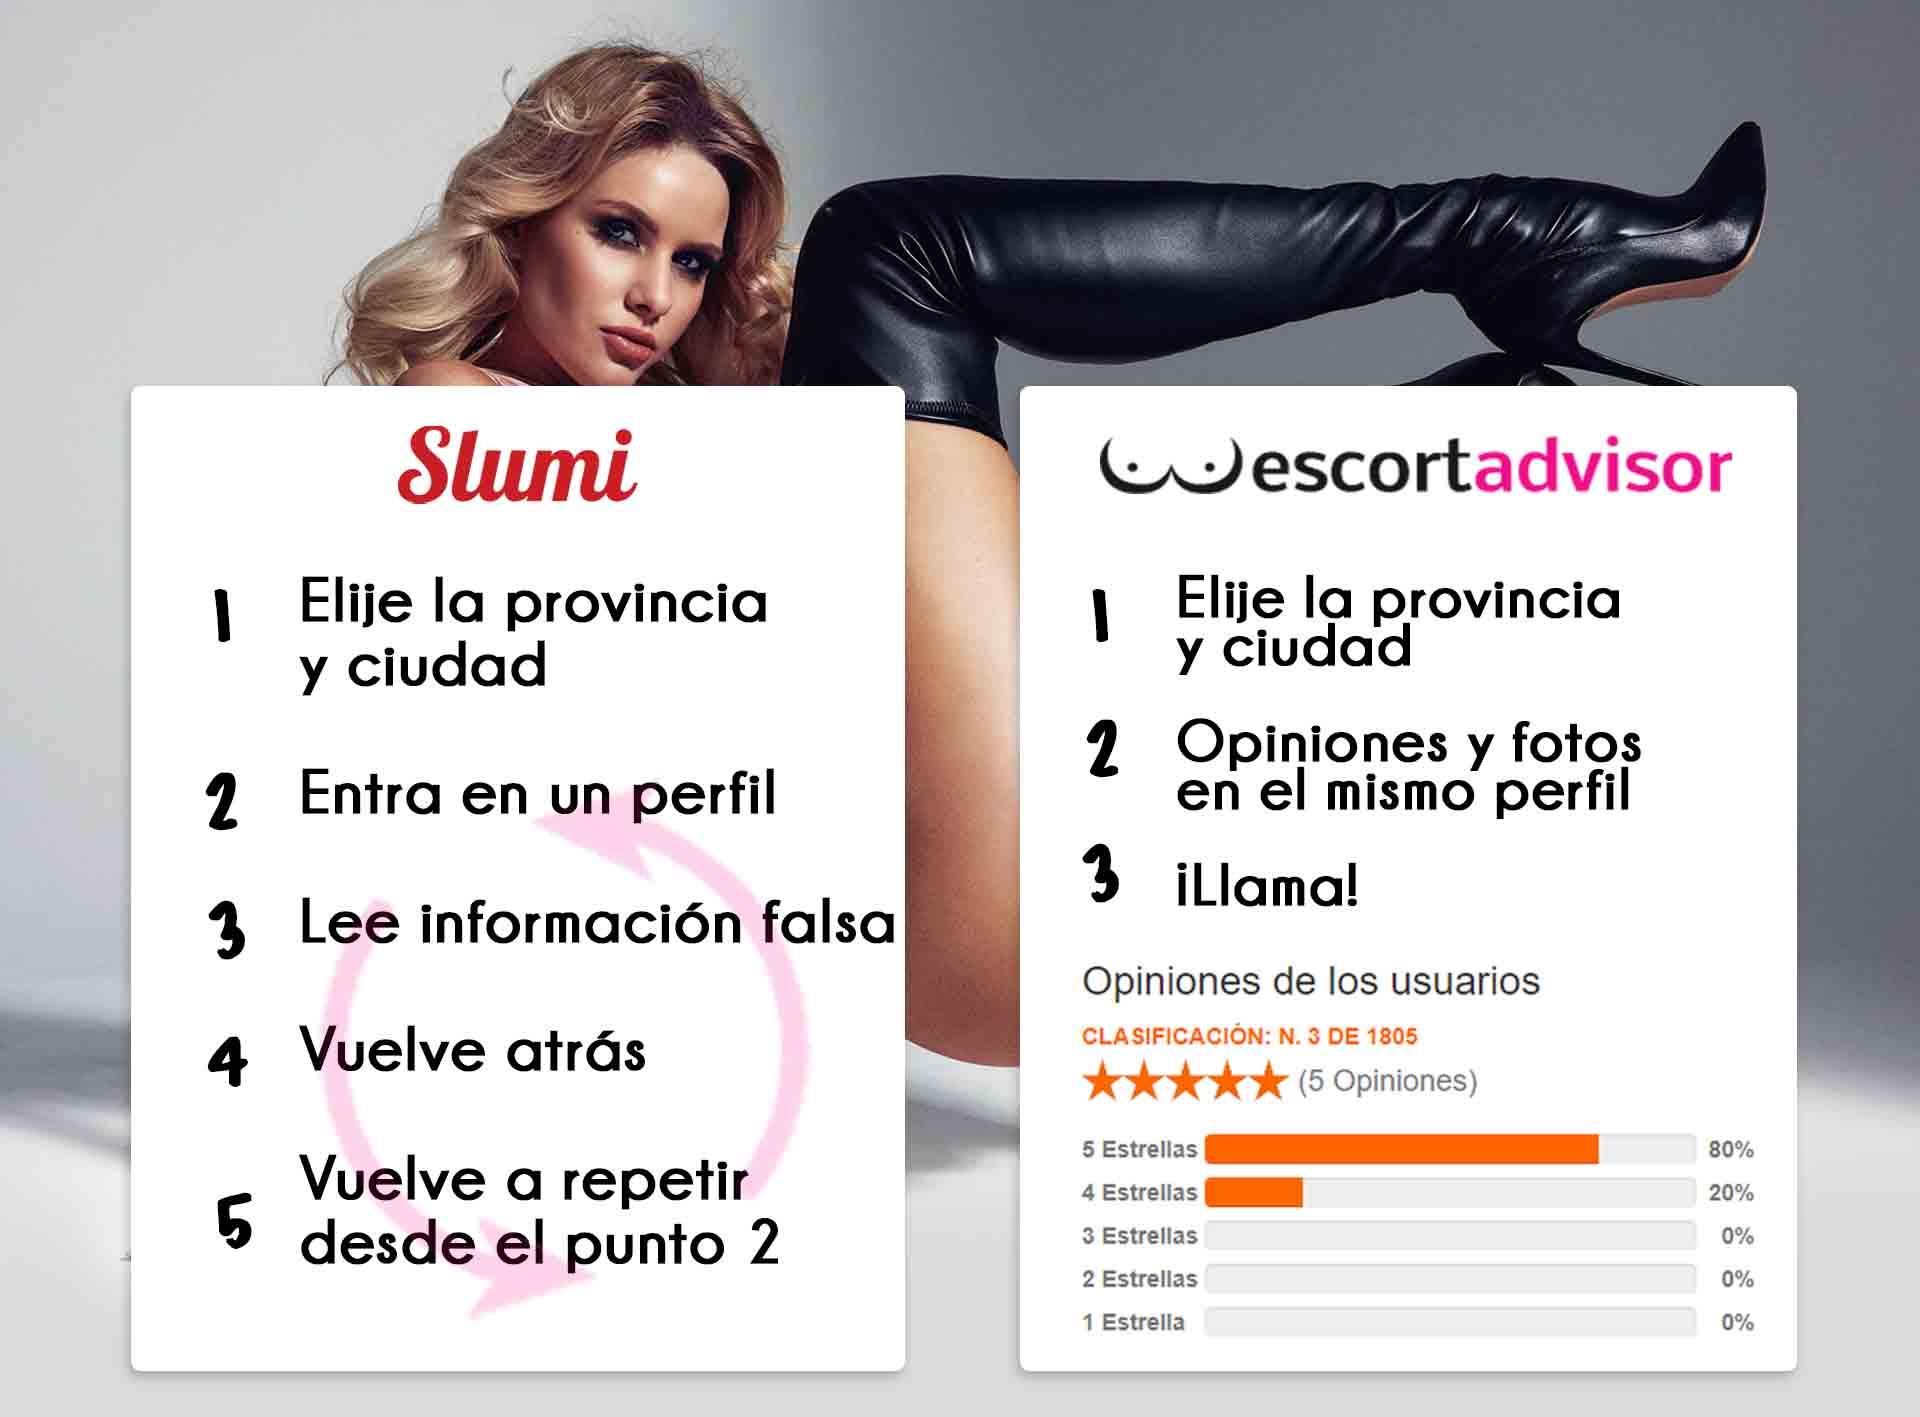 slumi vs escort advisor